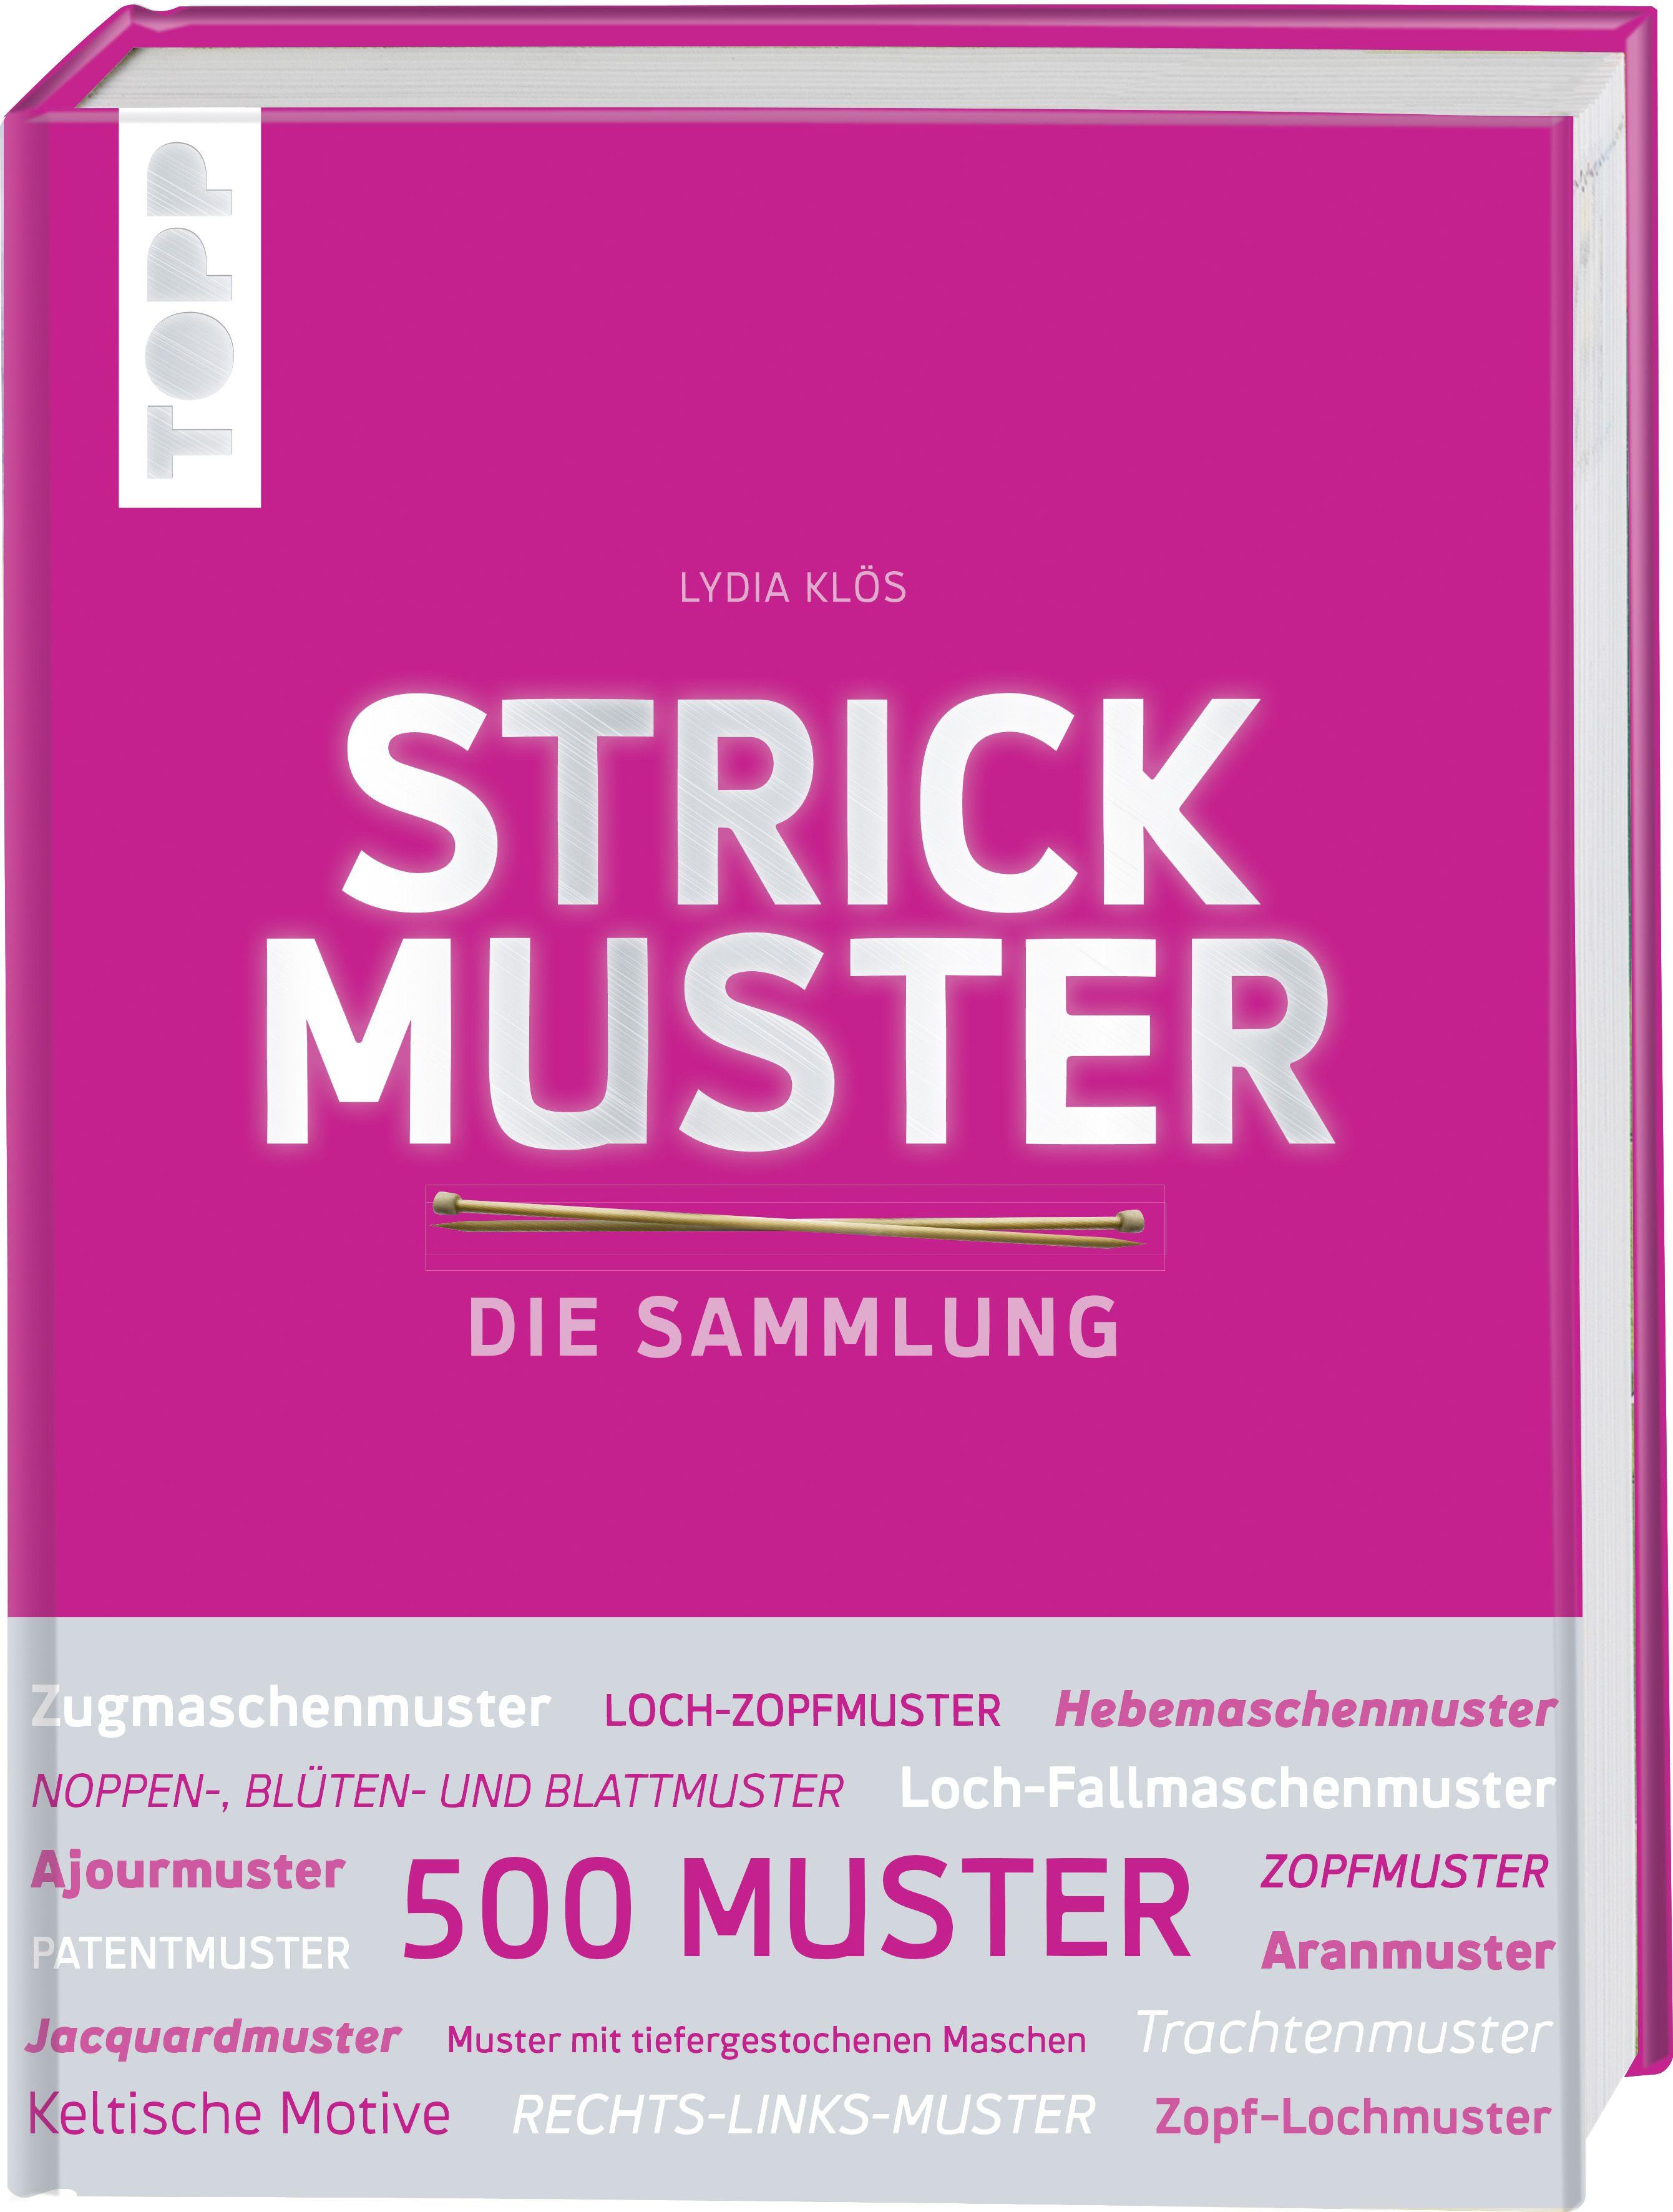 Fein Kabelbrücke Strickmuster Bilder - Strickmuster-Ideen ...